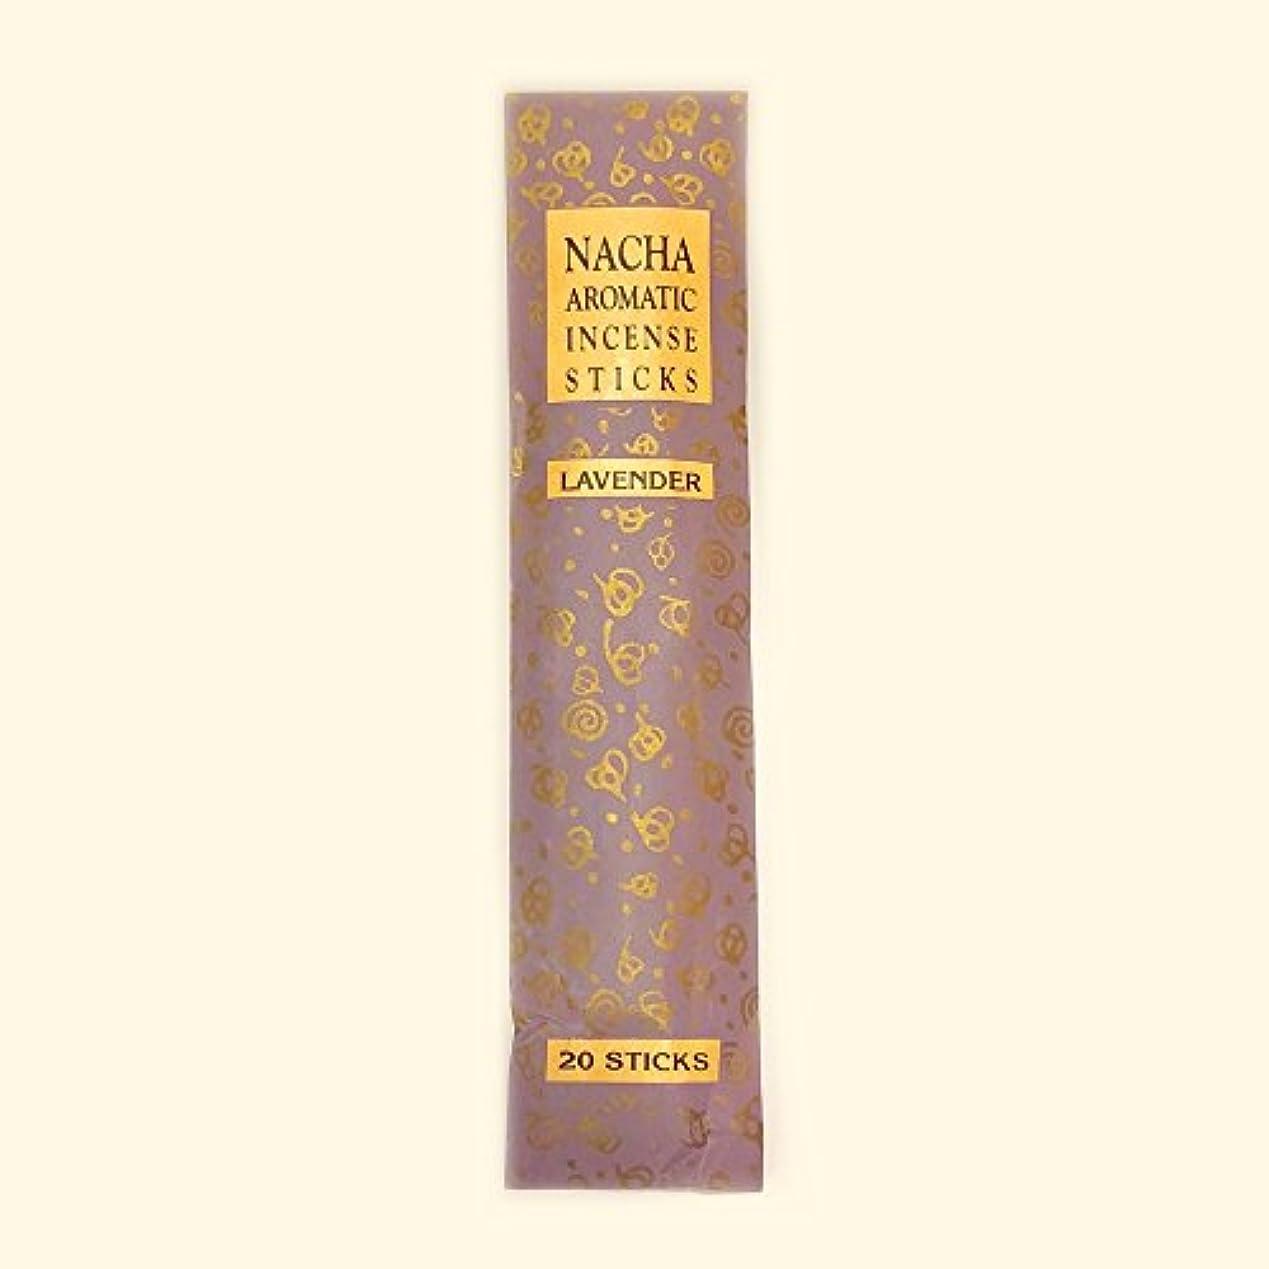 活性化先史時代の爬虫類【NACHA】NACHA NATURALS インセンス ラベンダー